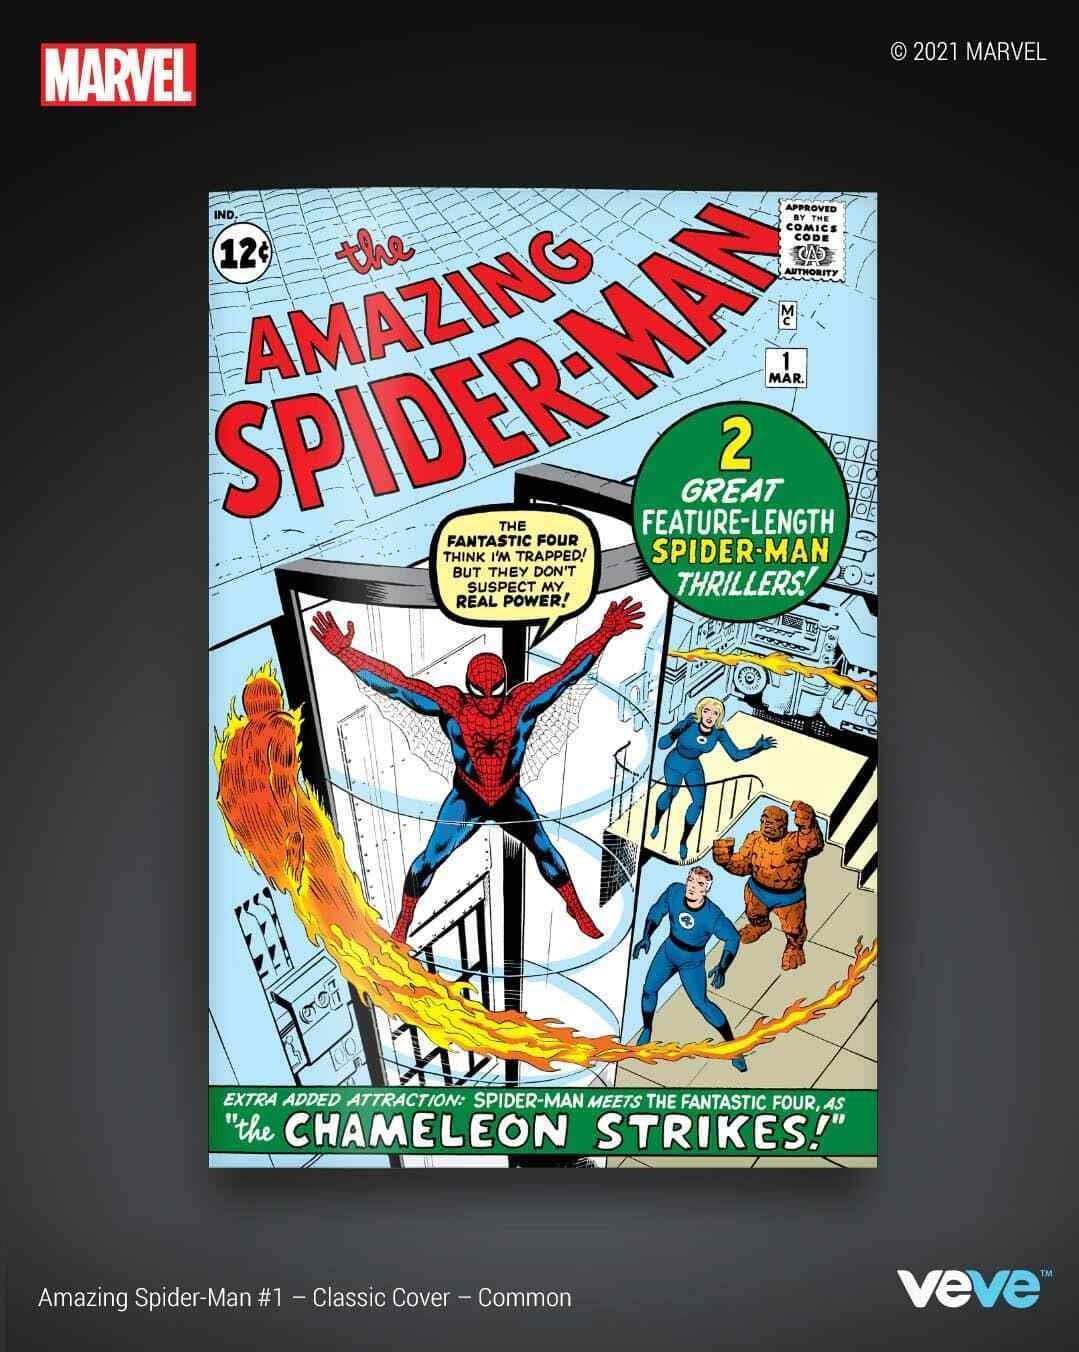 cmc-marvel-amazing-spider-man-01-common-4_5